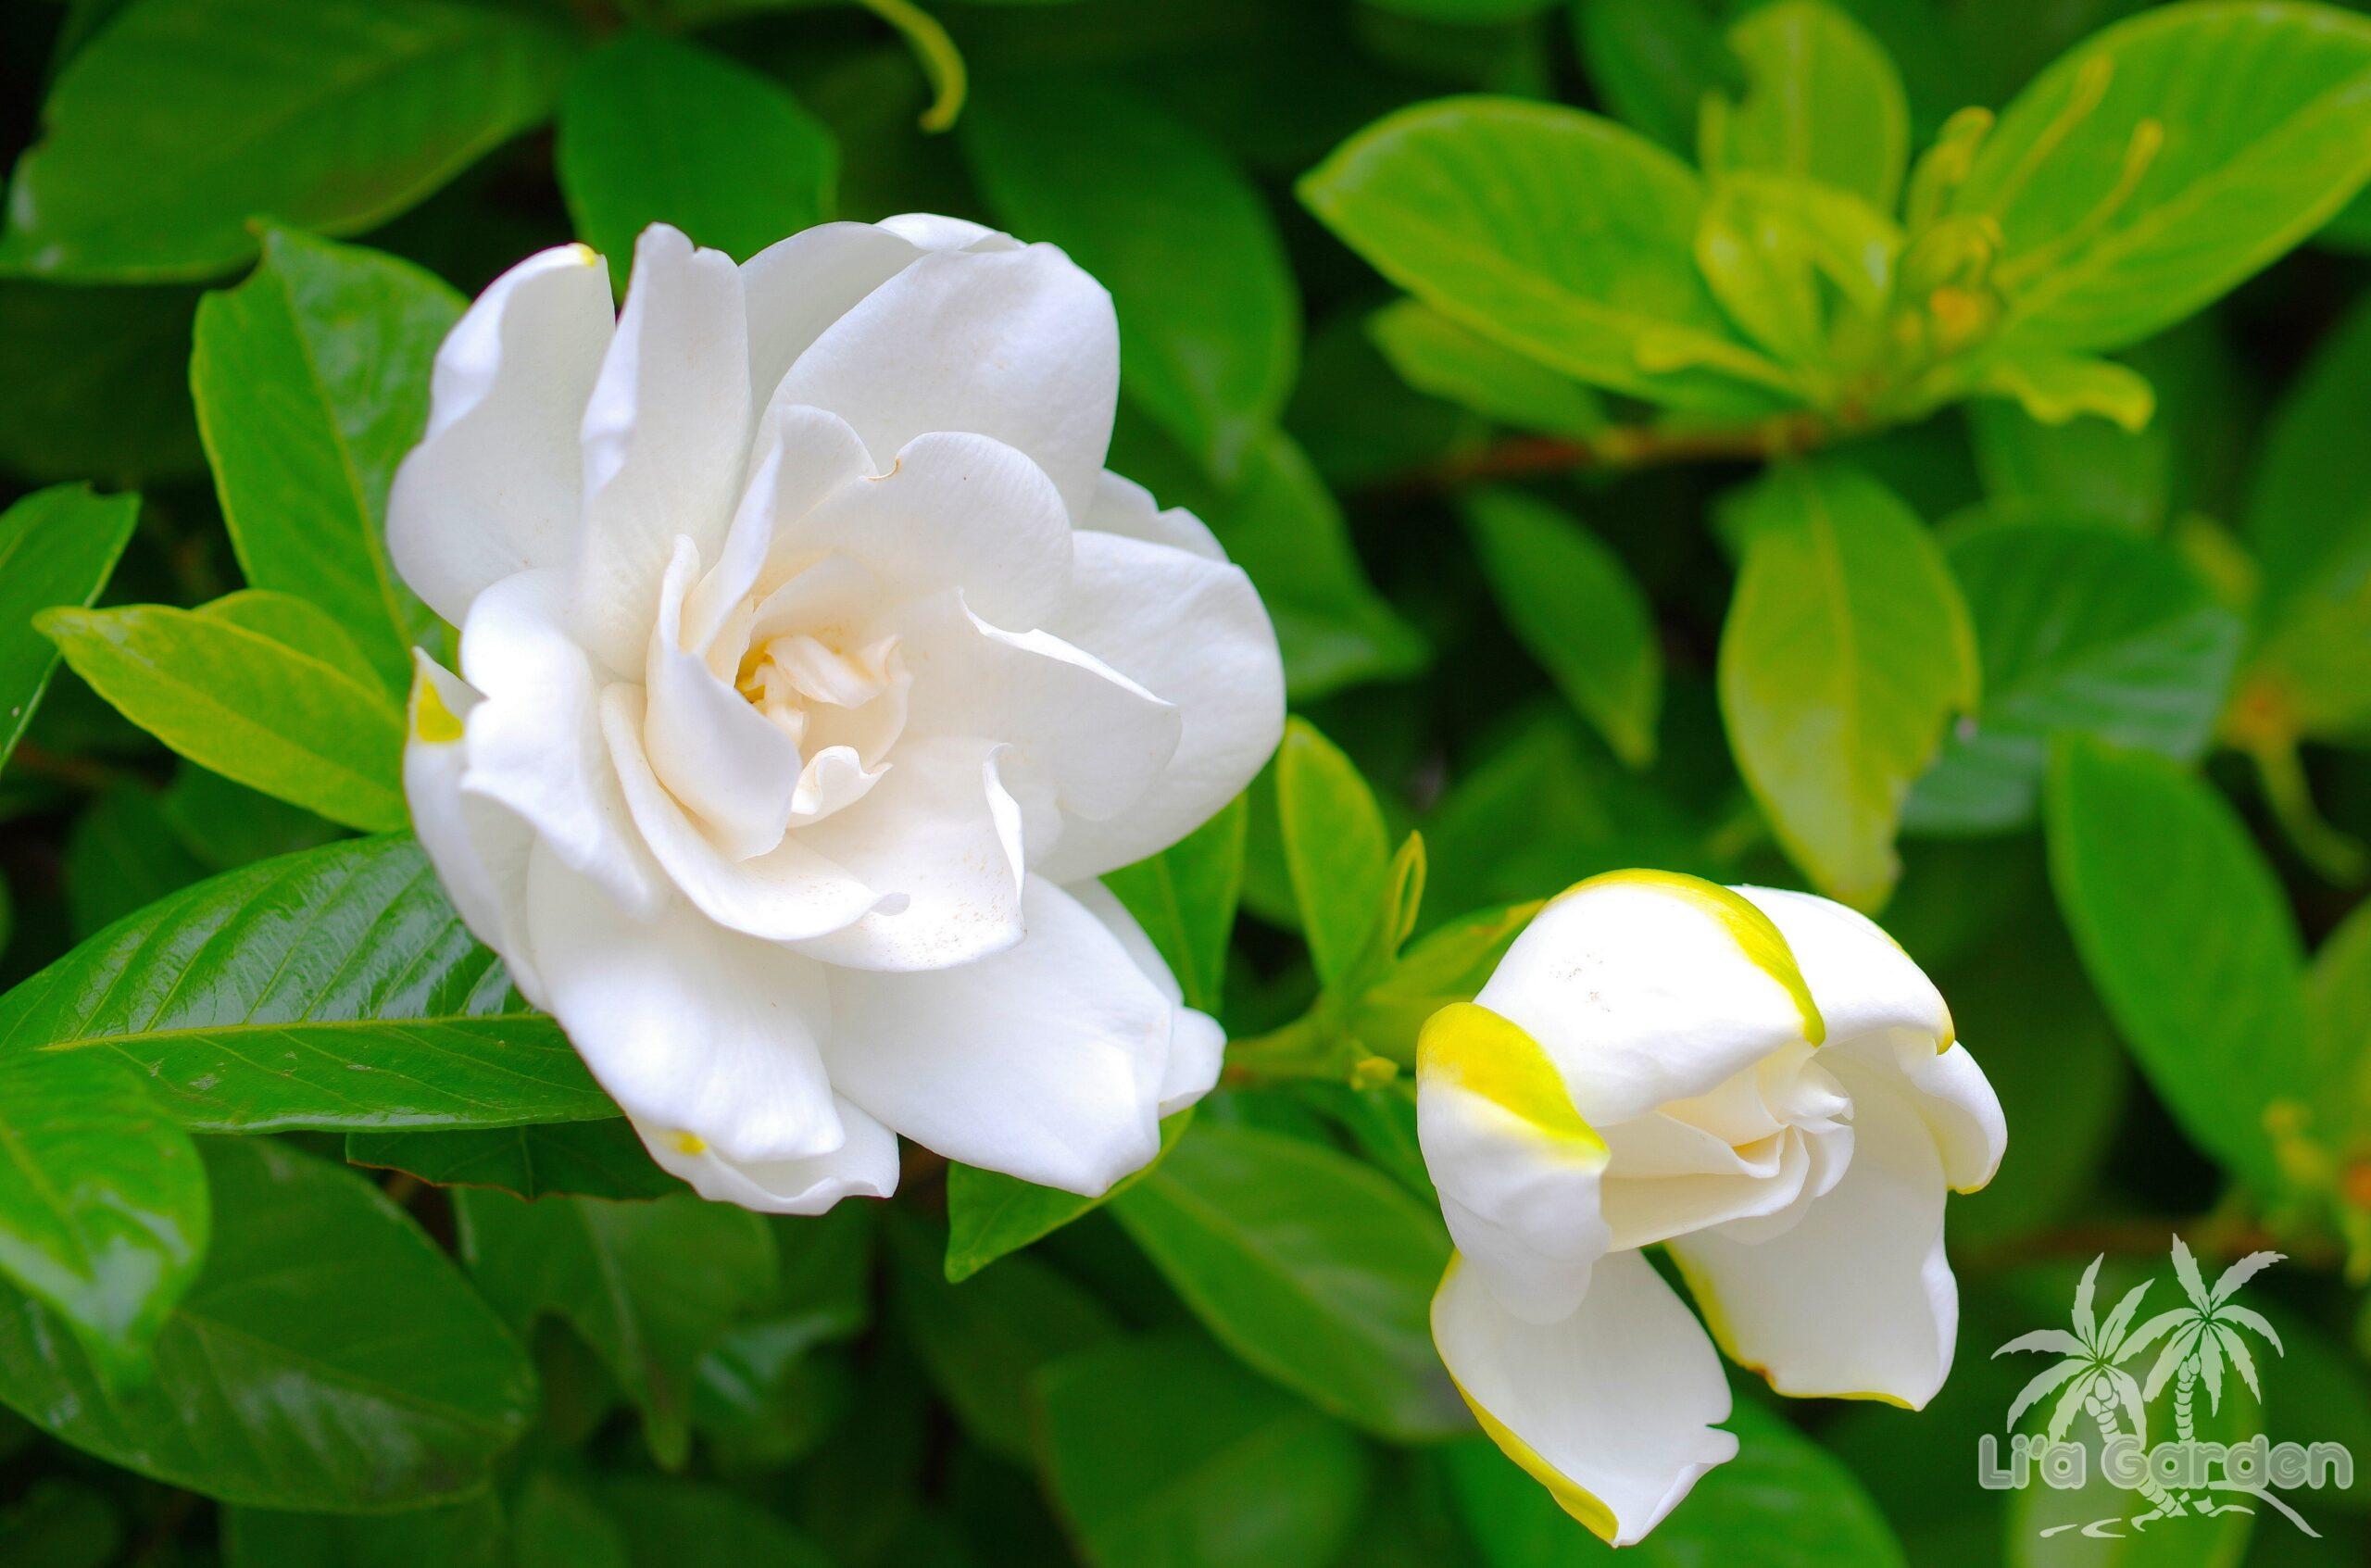 【低木】 ヤエクチナシ Gardenia jasminoides f. ovalifolia 〈常緑広葉樹〉